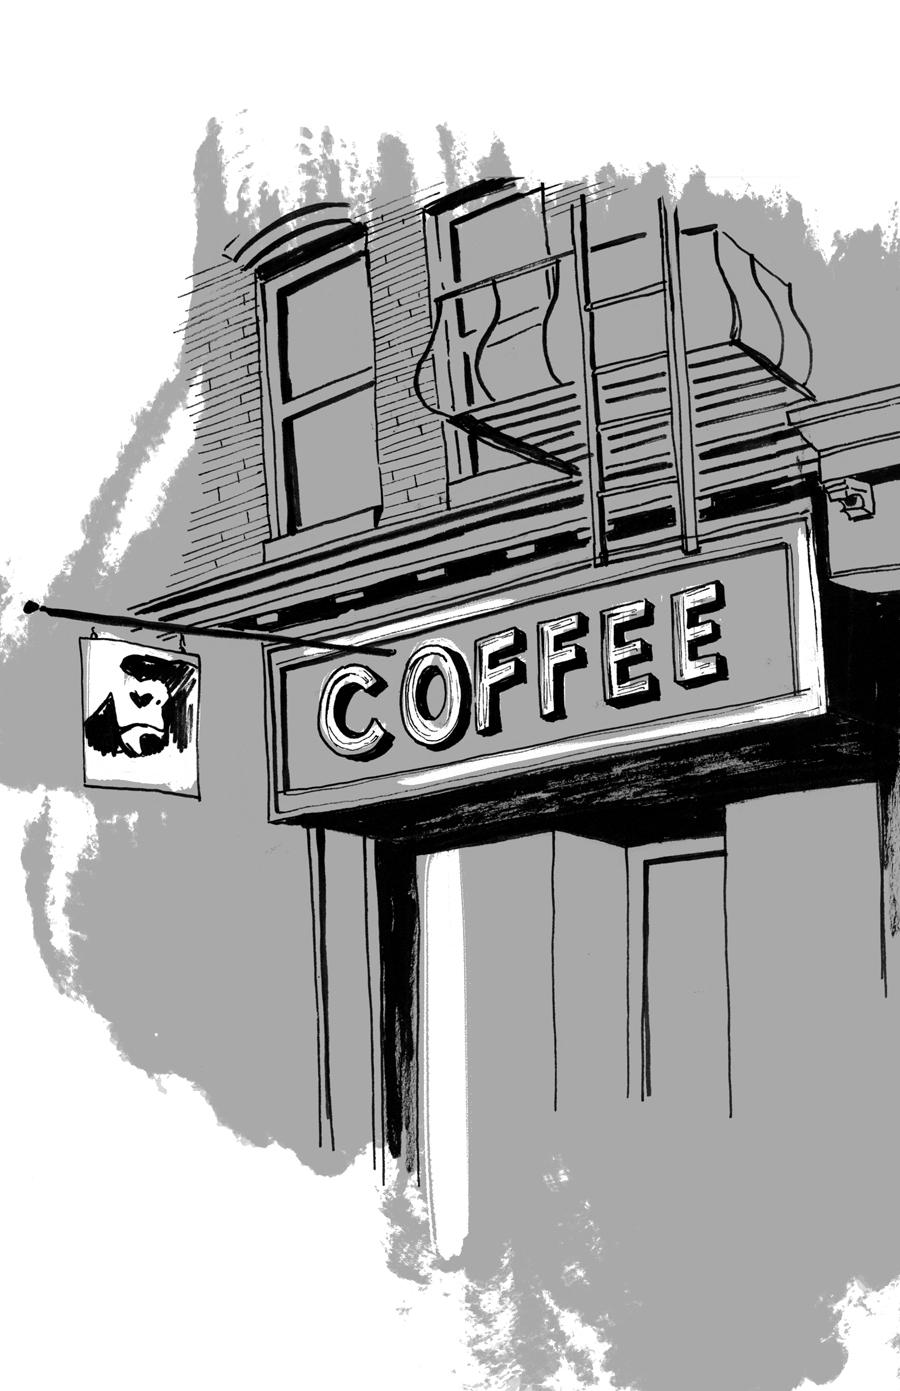 Drawing on Bergen Street